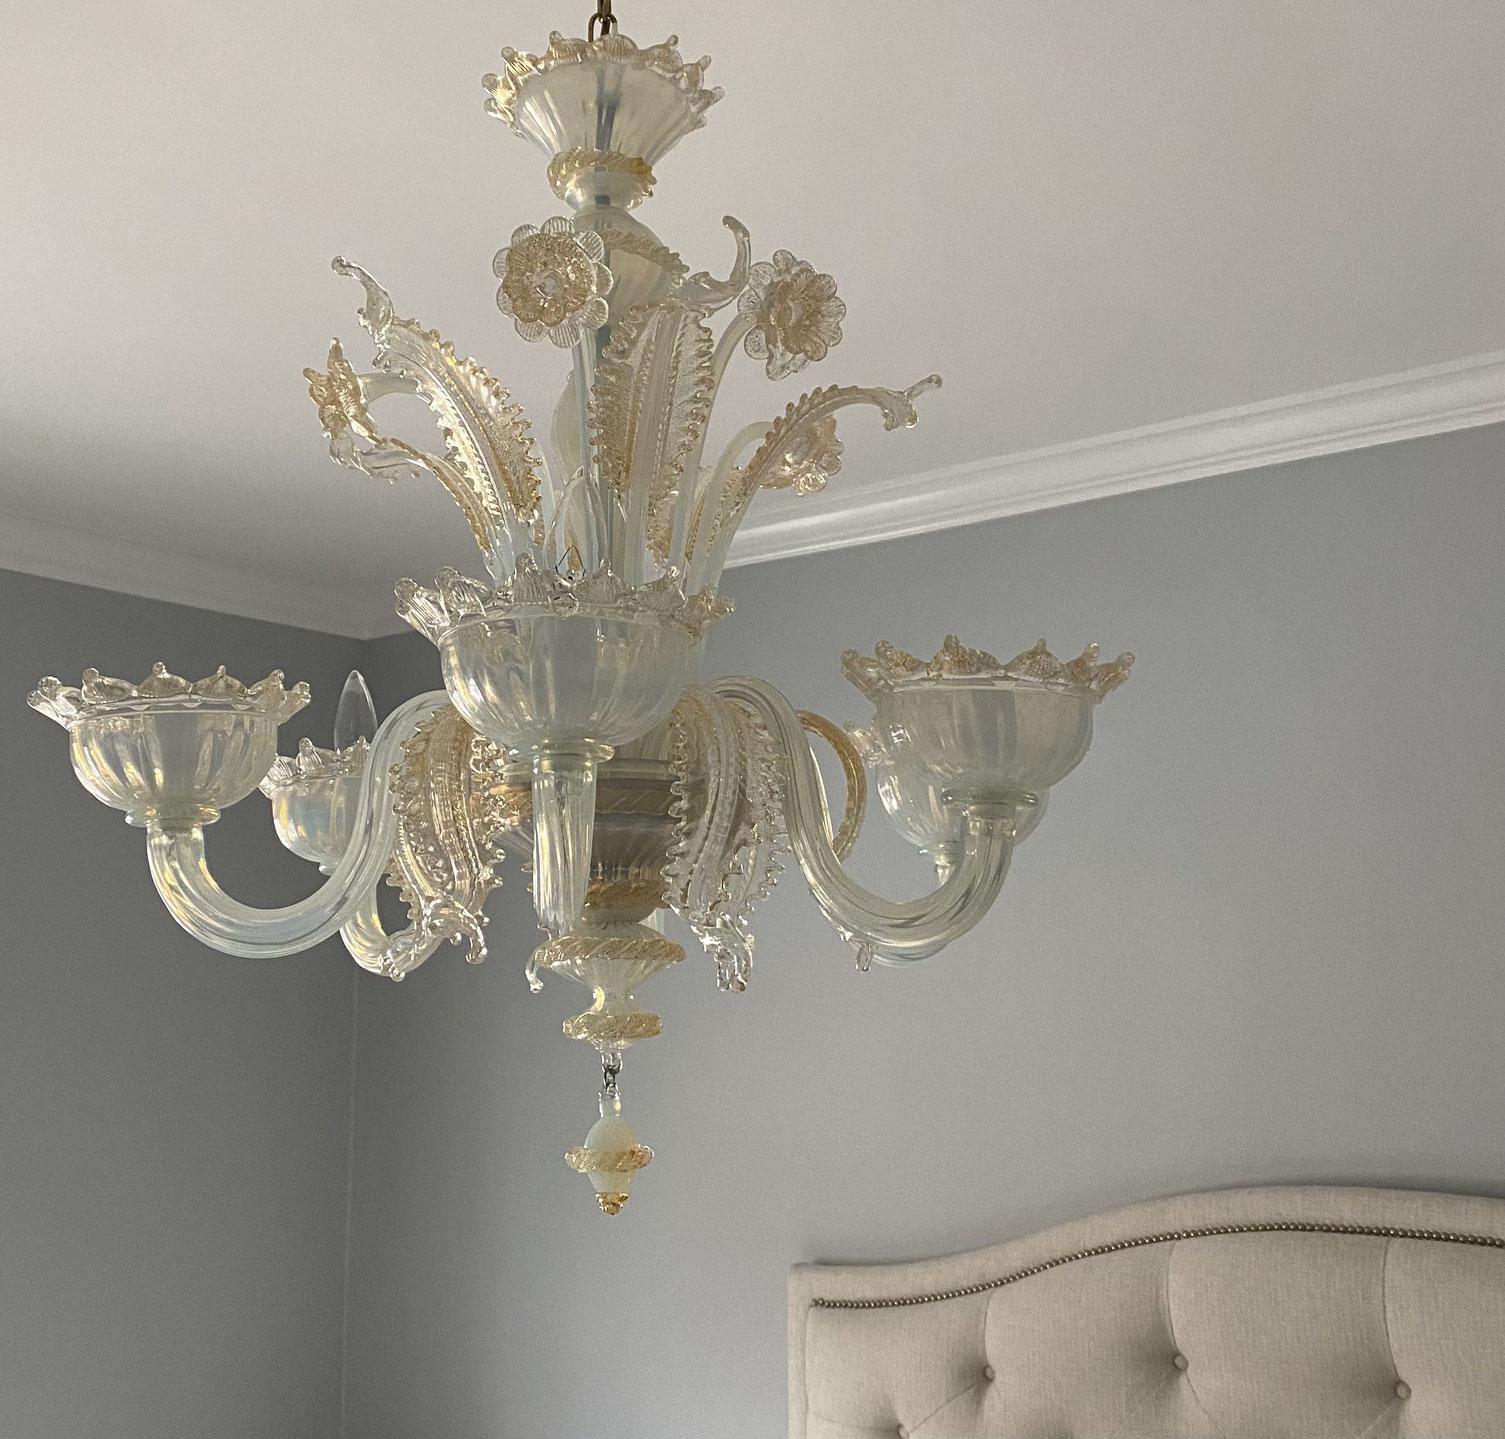 opaline-muranoglass-chandeliers-set-home